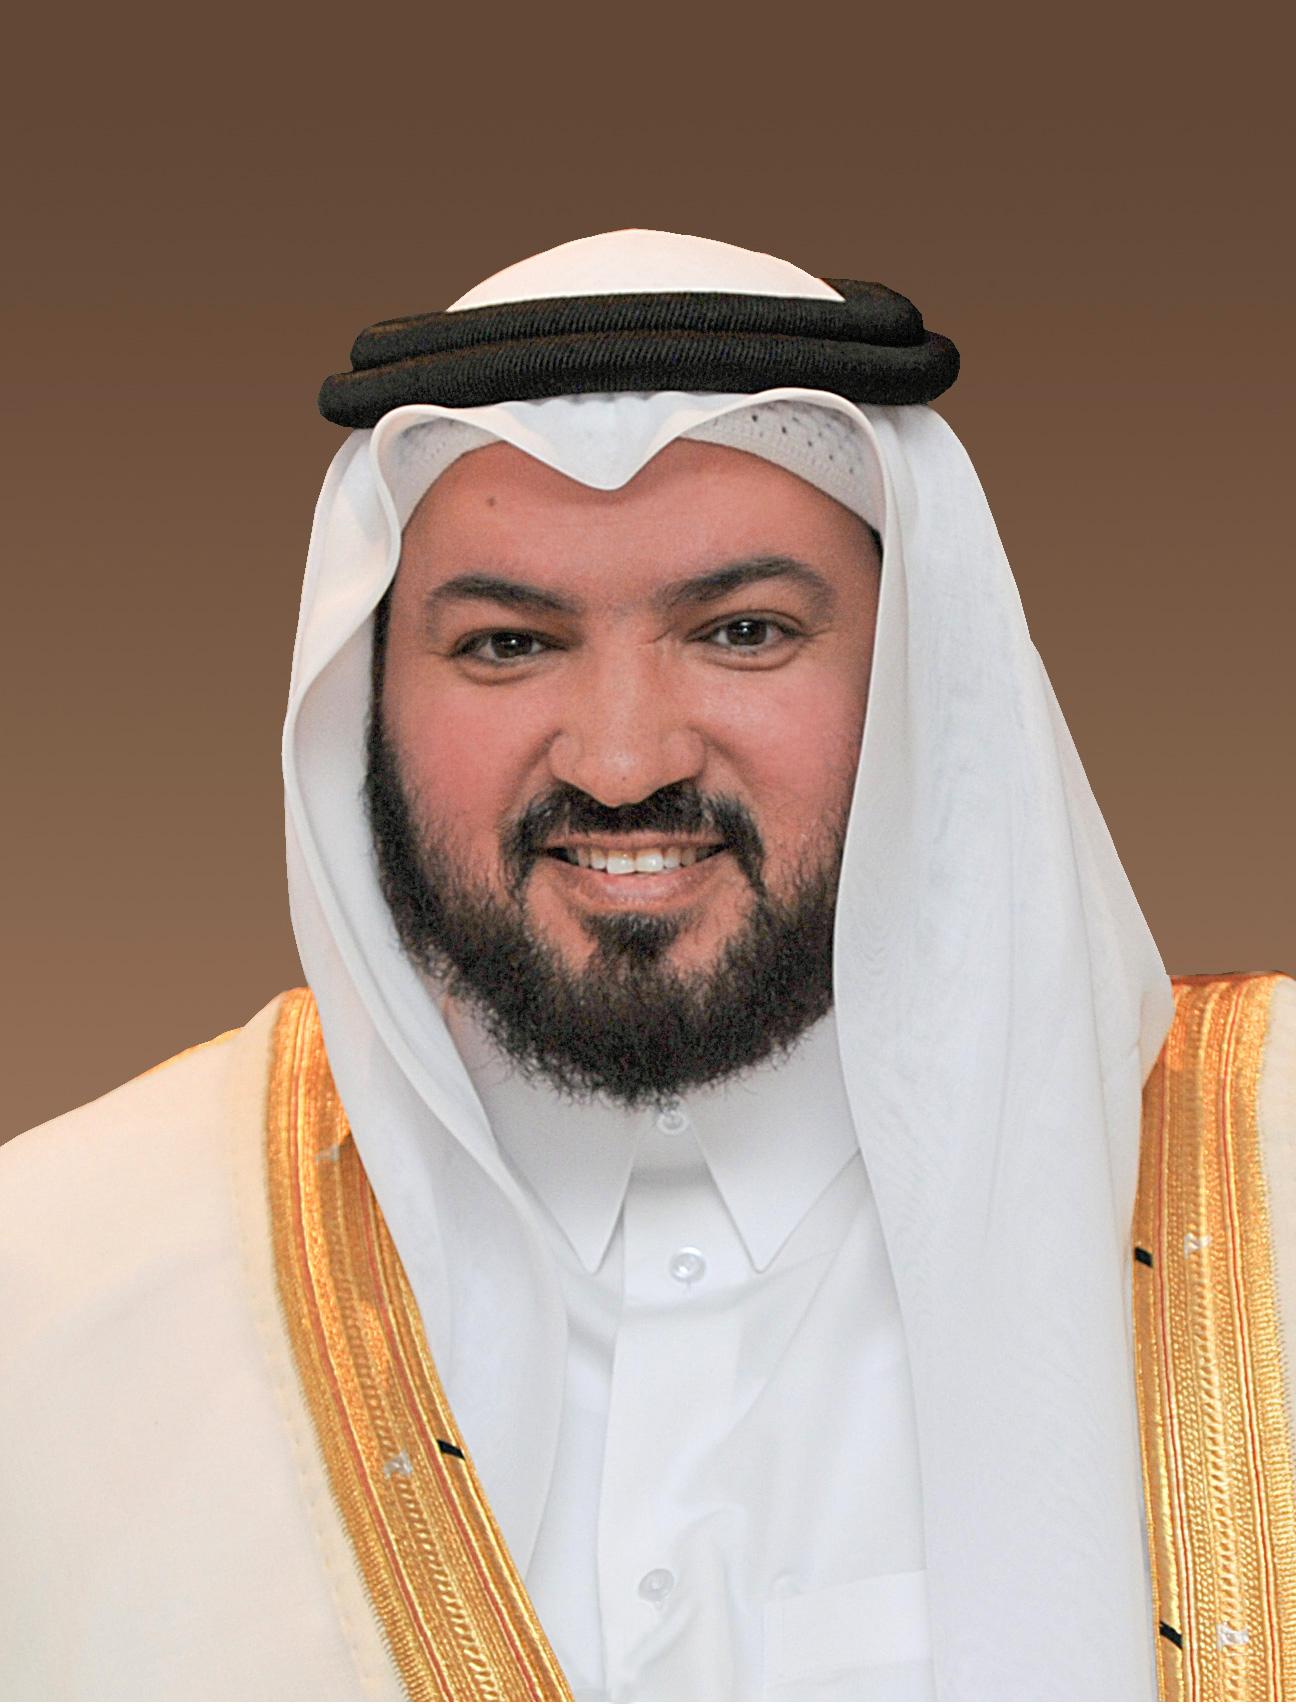 سعادة الدكتور غيث بن مبارك الكواري